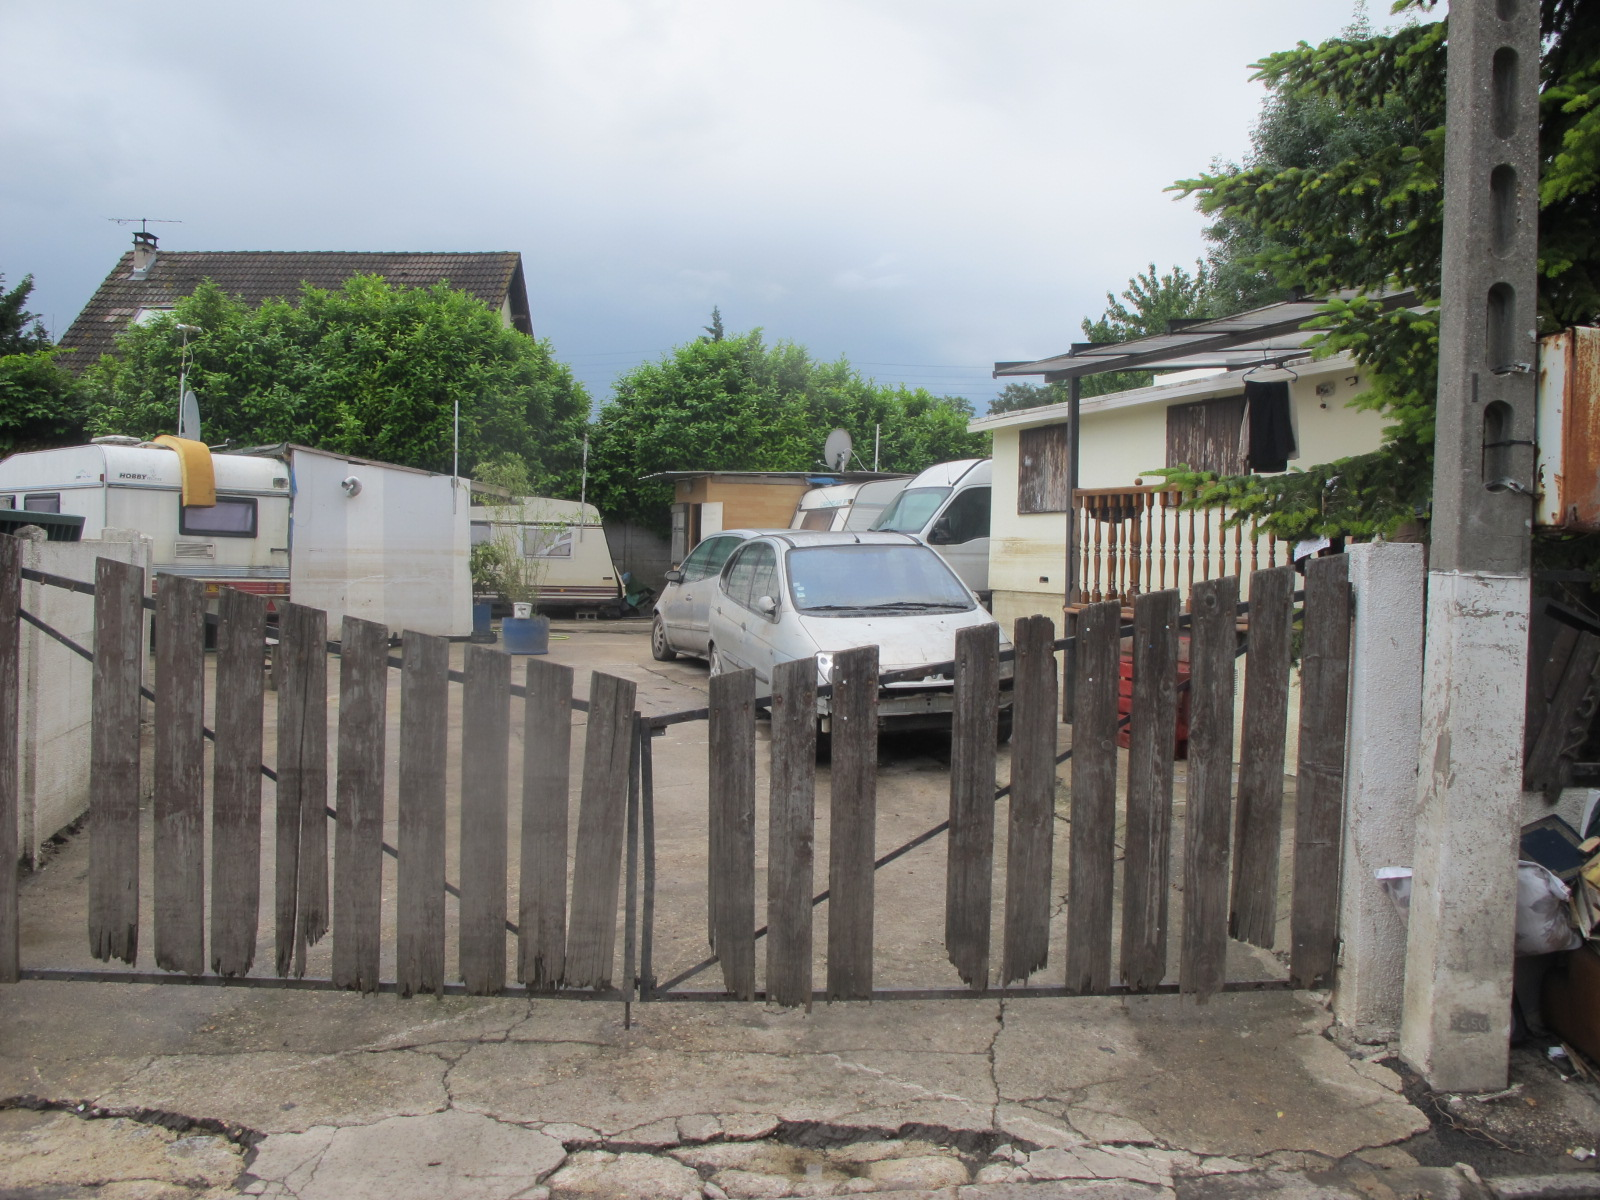 quartier blandin sinistre villeneuve saint georges (16) - Copie